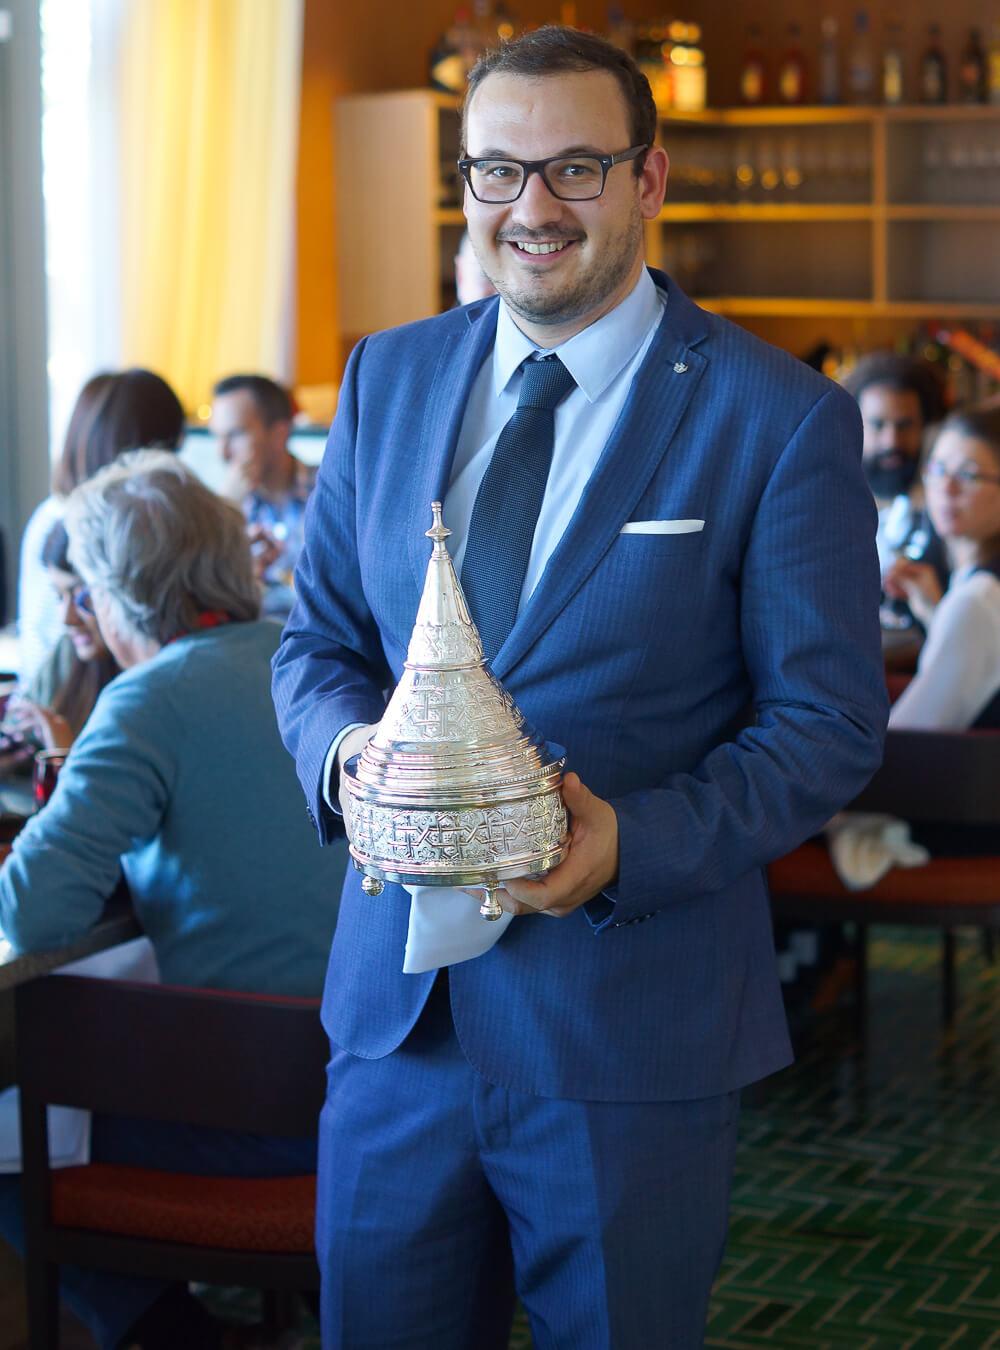 Sharq Oriental Restaurant Schweiz - Staff 2